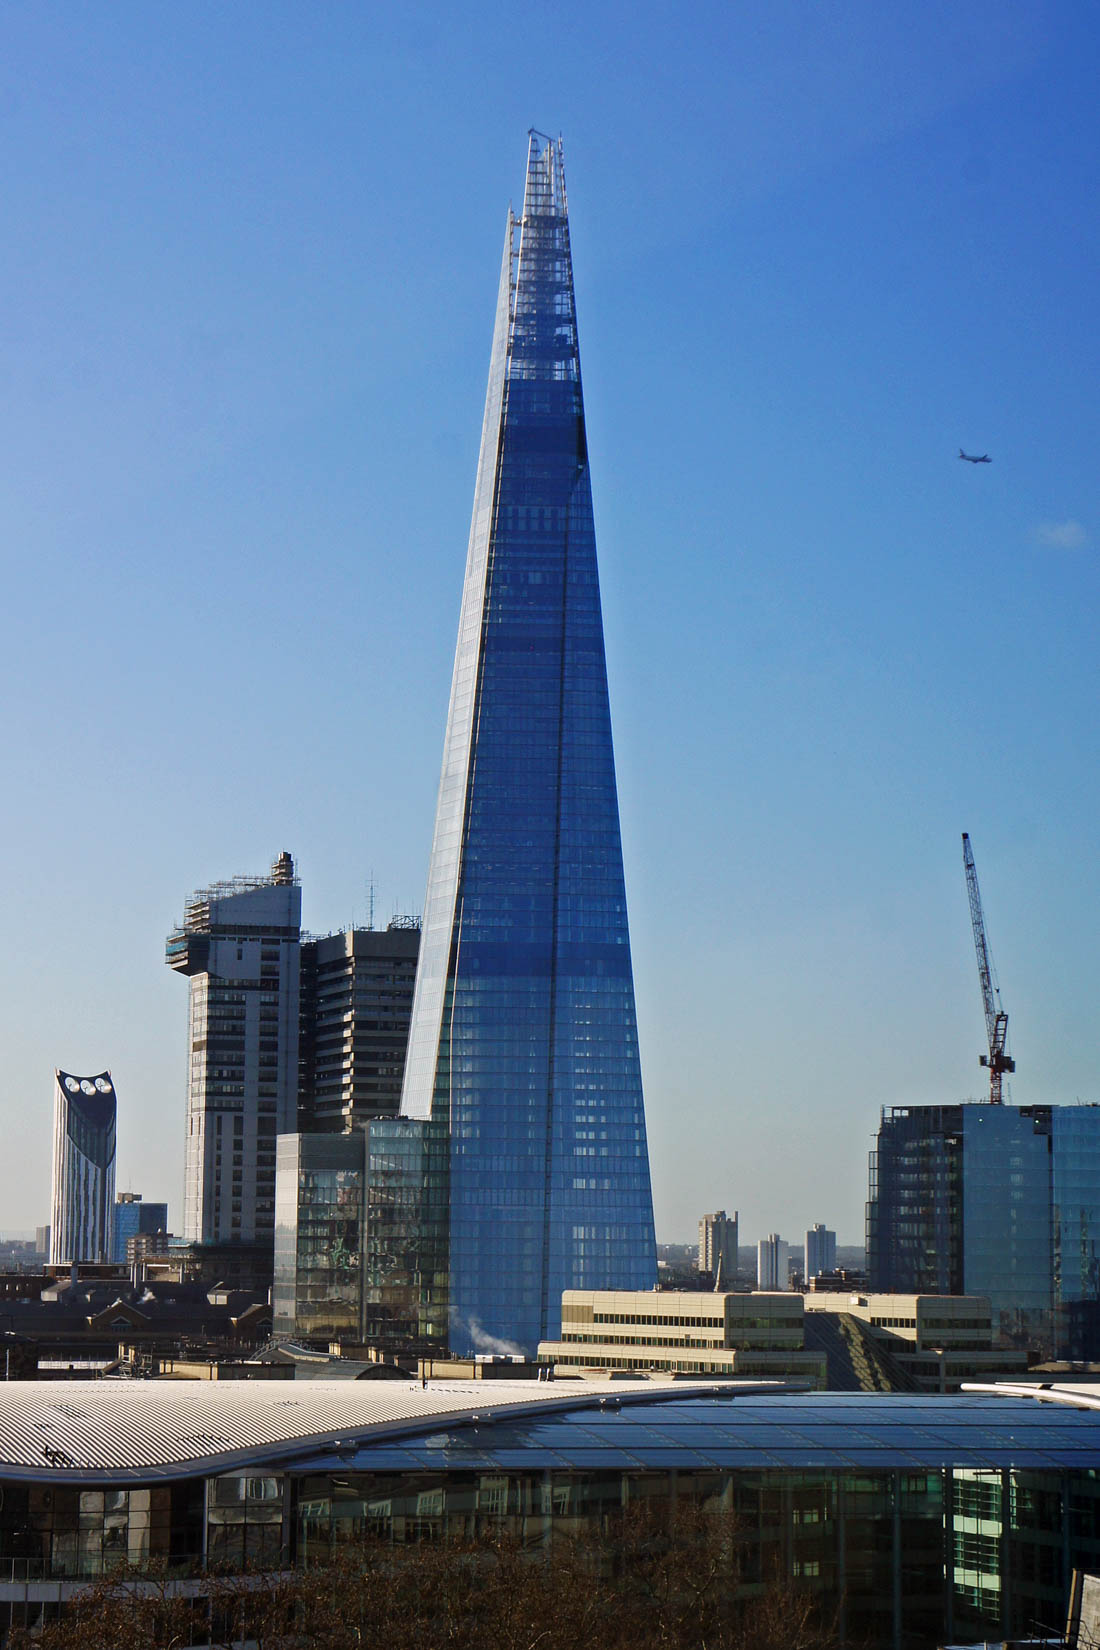 The Shard (Лондон) — второе по высоте здание в Европе. Верхняя отметка 309 метров была достигнута в